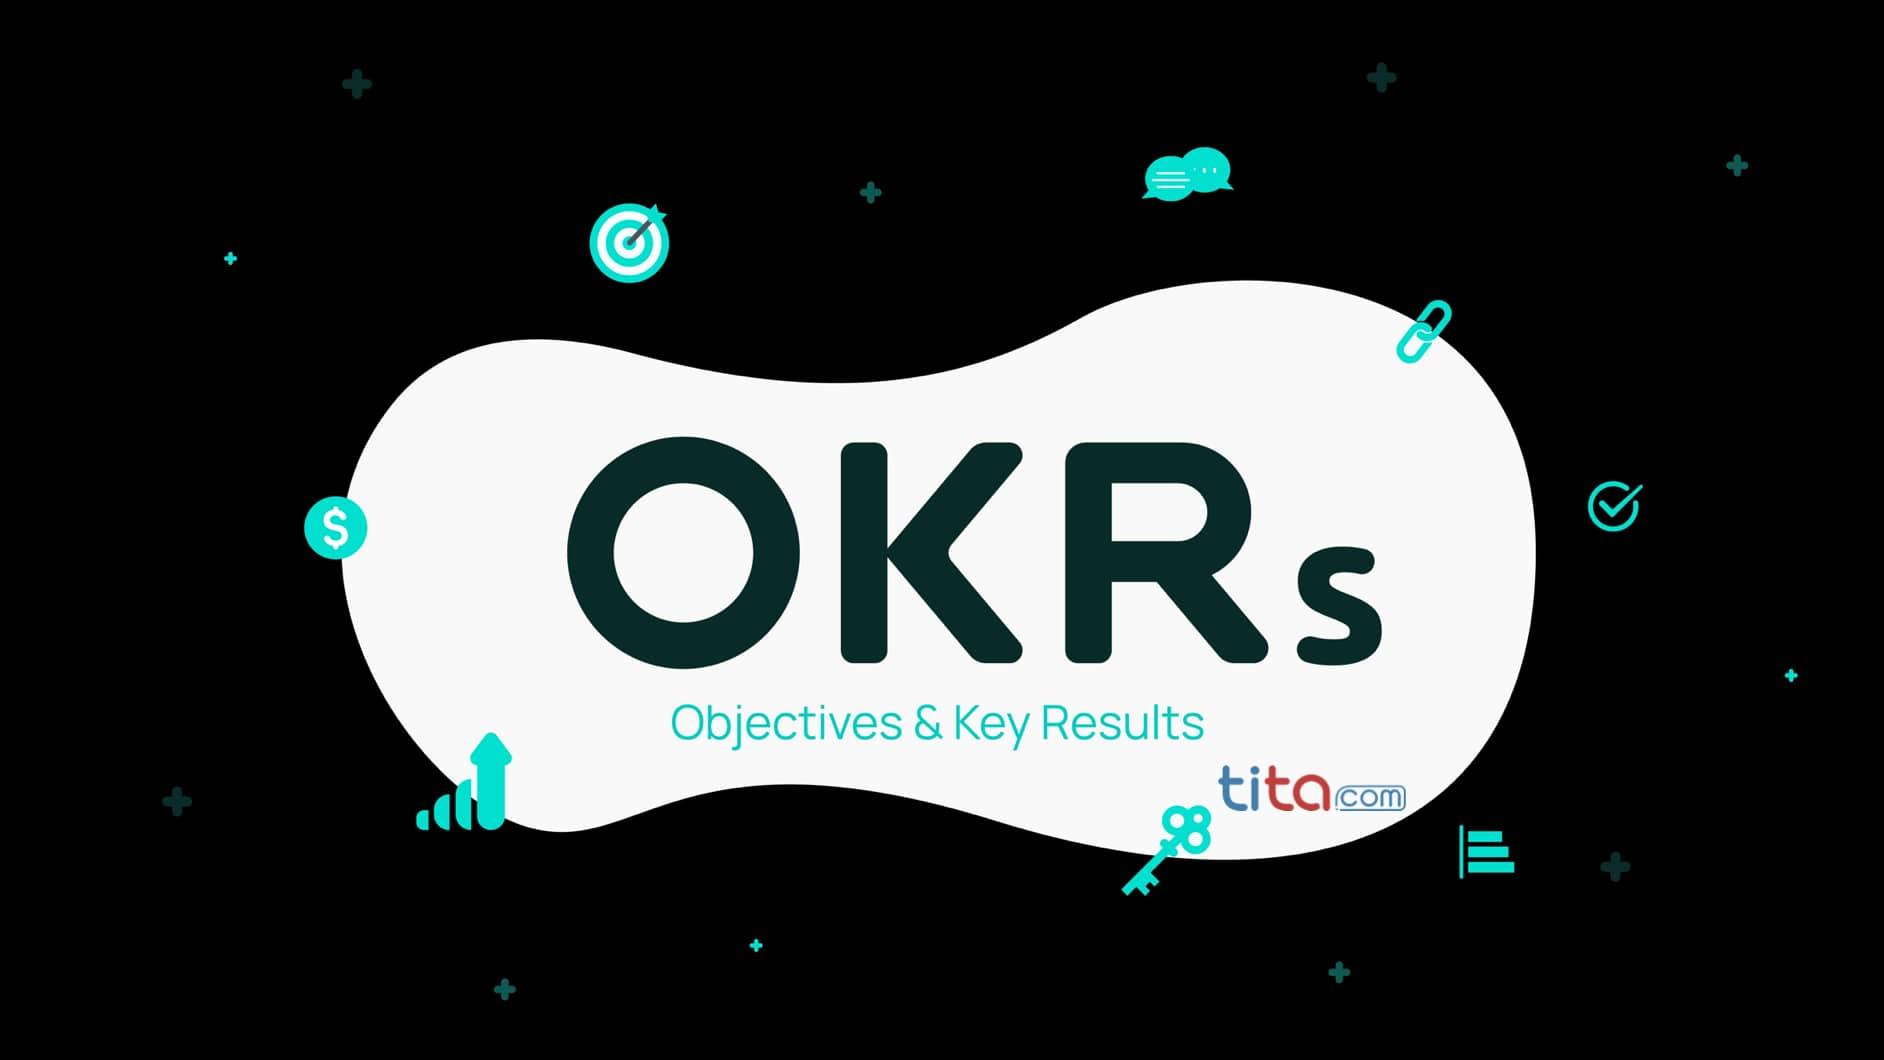 市场营销团队的 OKR 案例